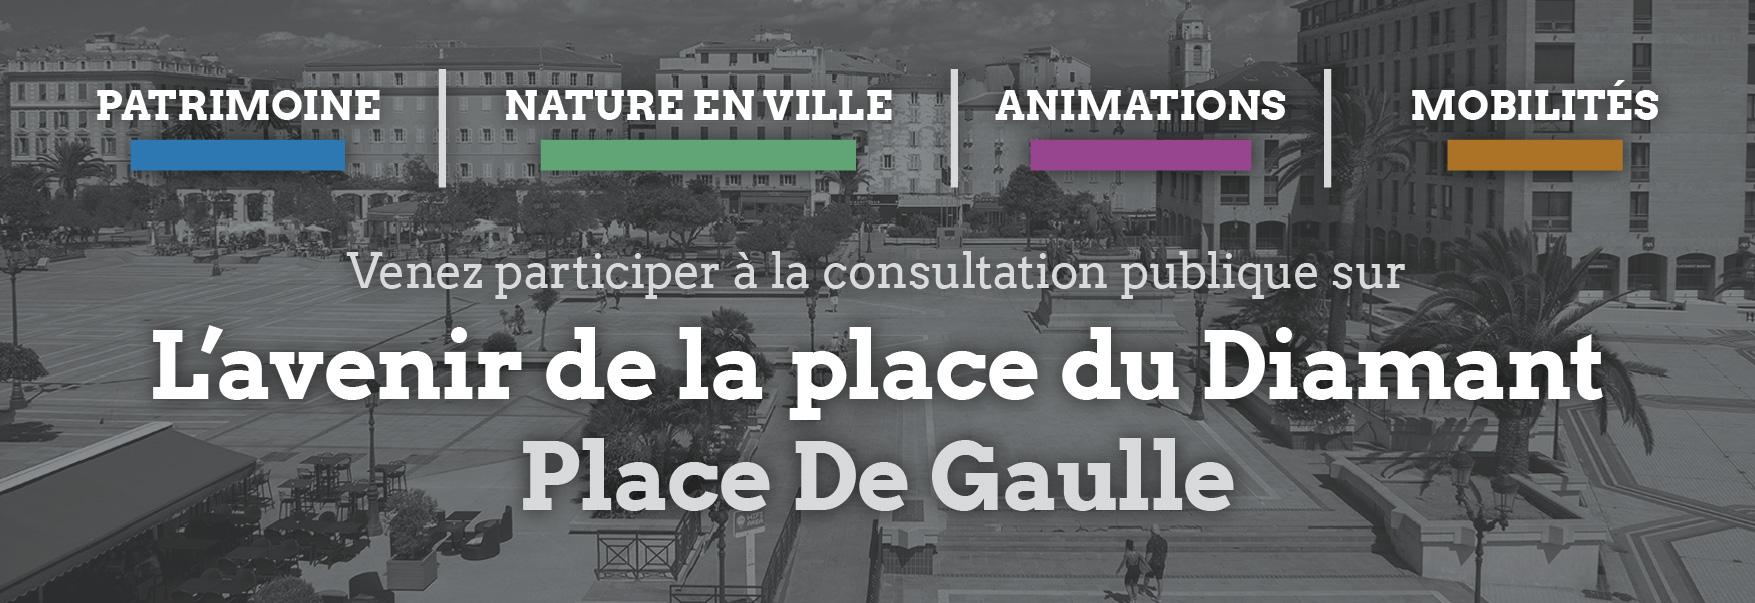 Consultation publique sur l'avenir de la place du Diamant, participez !